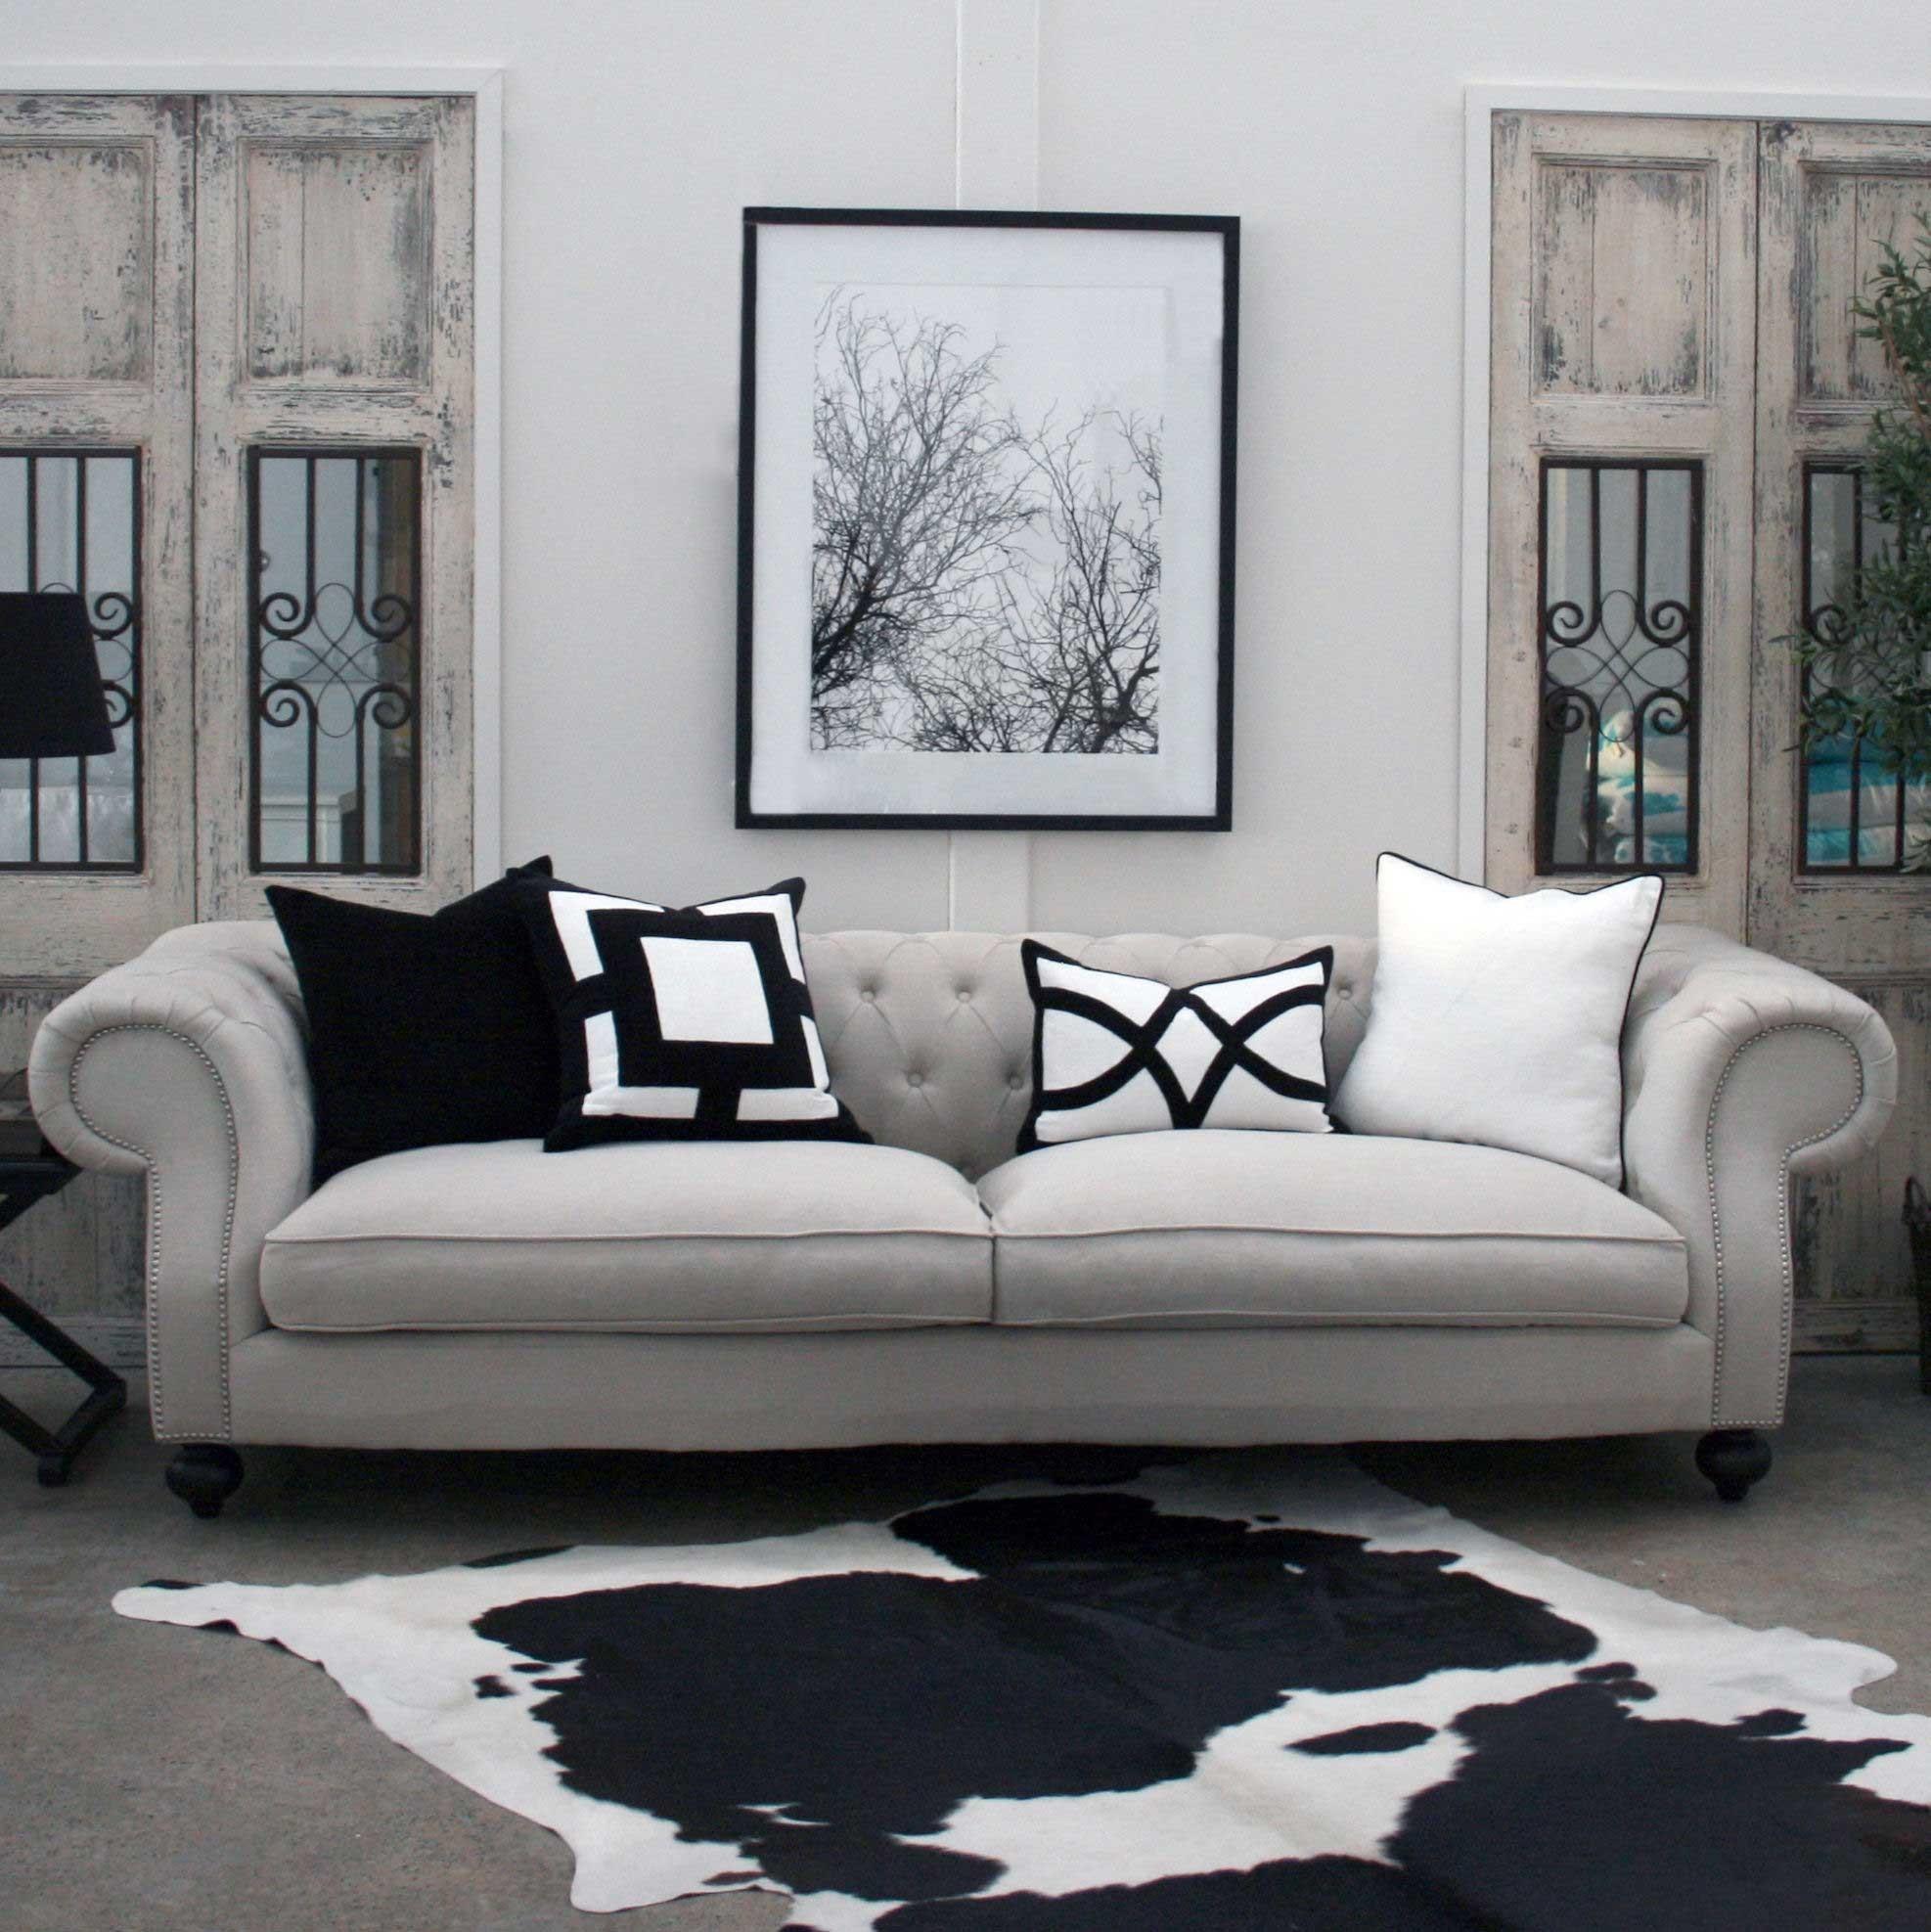 Savoy Sofa | Sofa Gallery | Kengire With Savoy Sofas (Image 12 of 20)